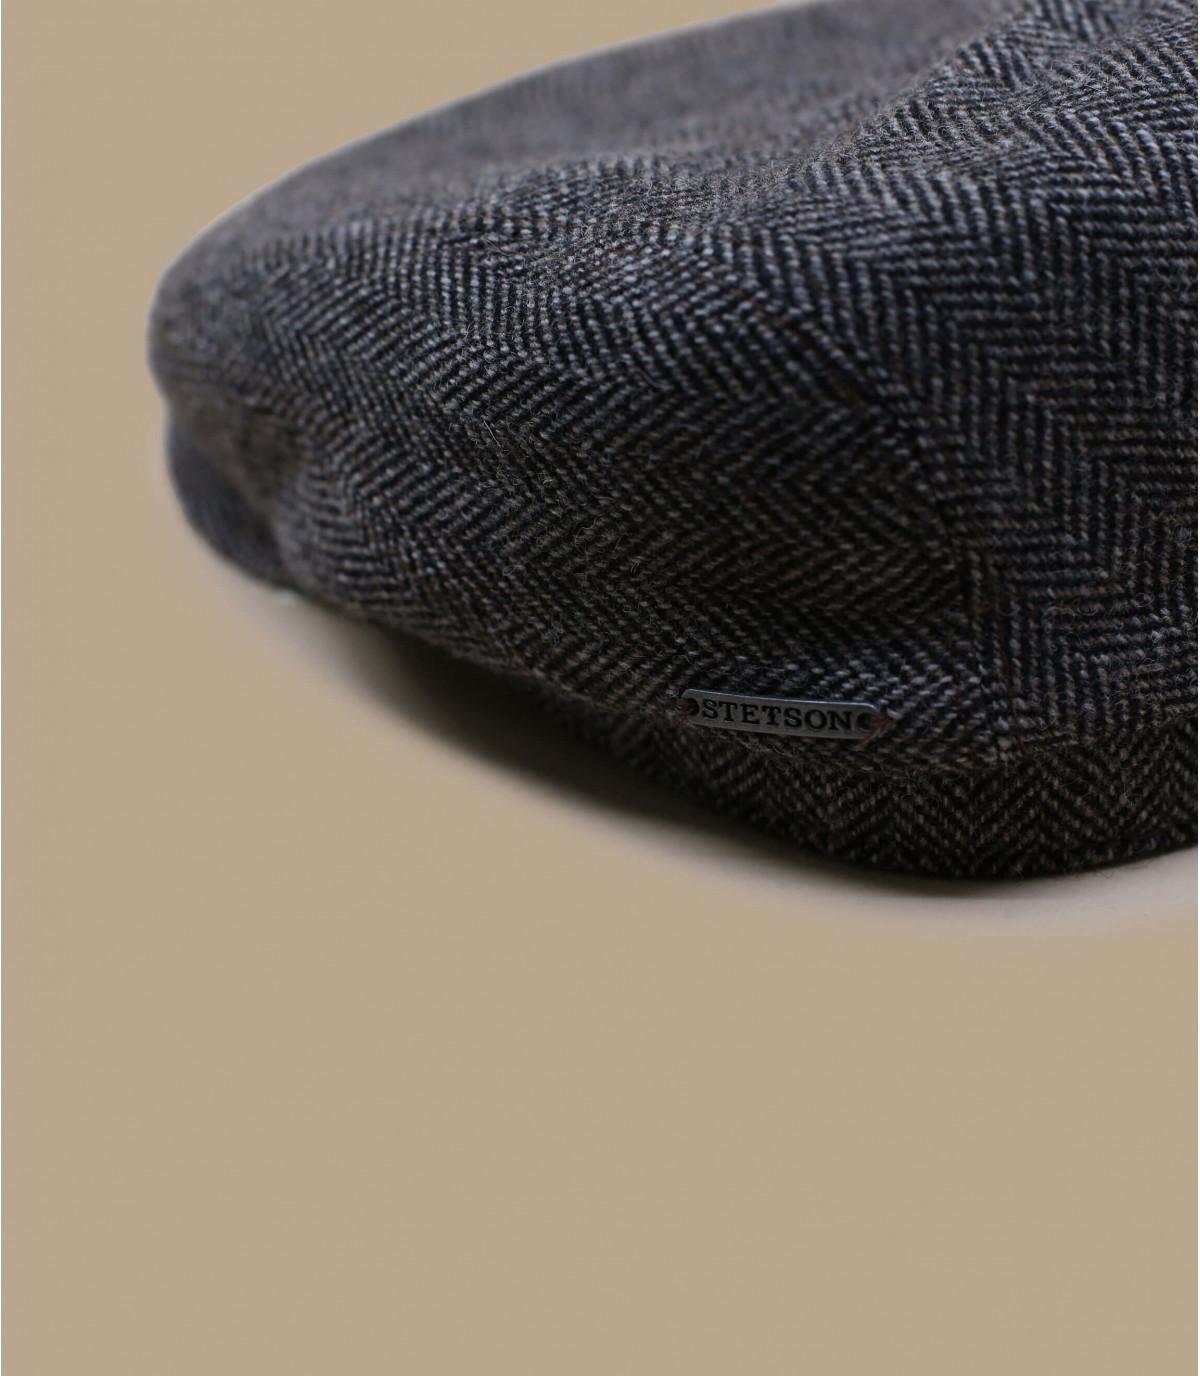 Stetson - Stetson hat 0d39d56da92